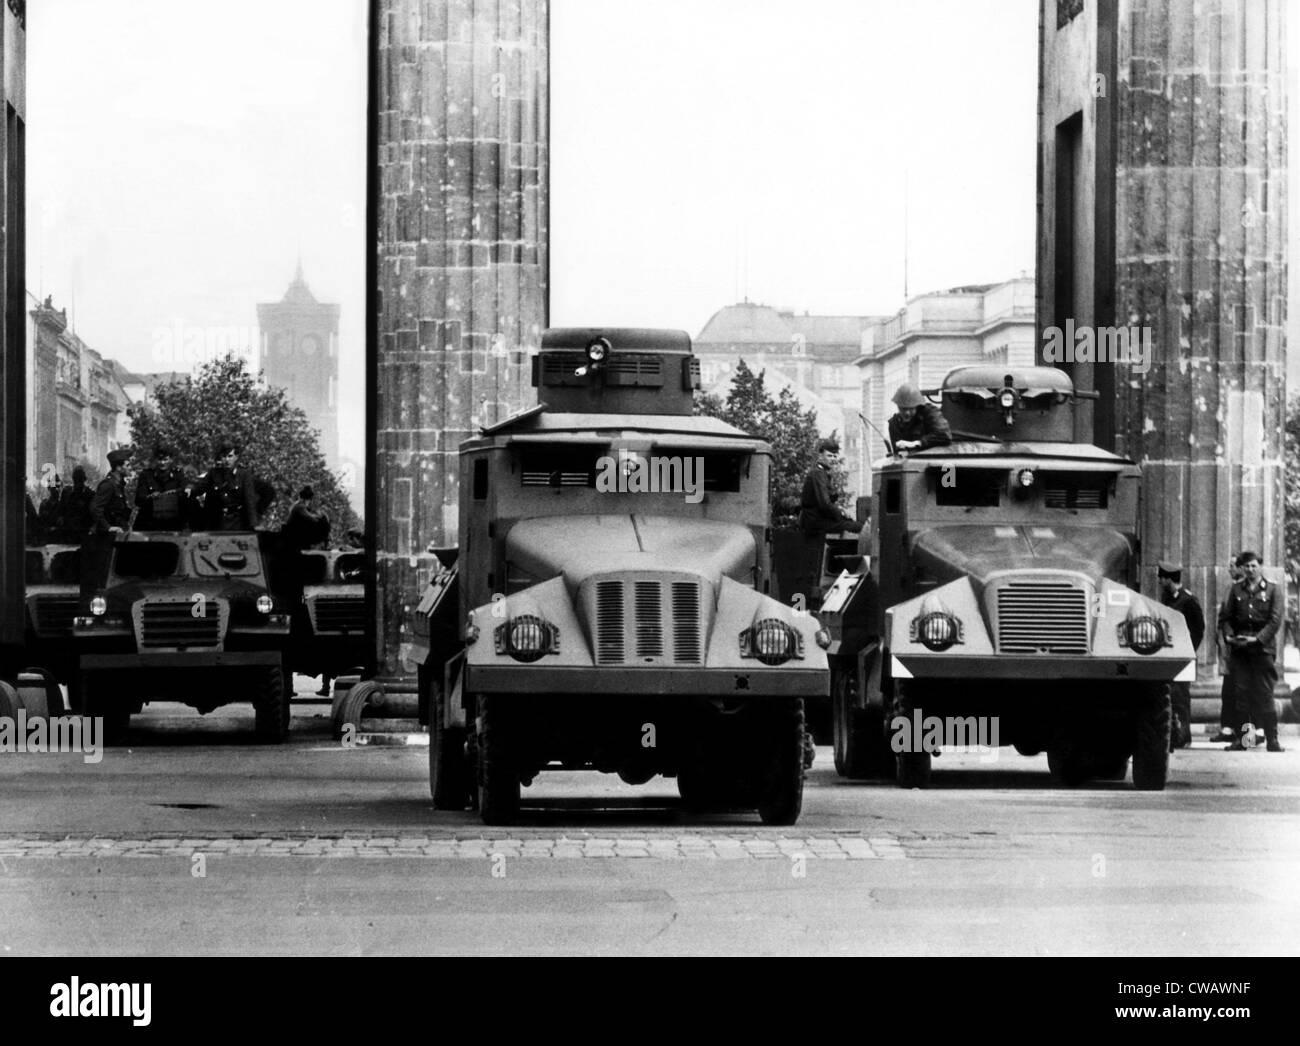 """Los miembros del """"Ejército Popular"""" la barricada de la Puerta de Brandeburgo, con lanzadores de agua, Imagen De Stock"""